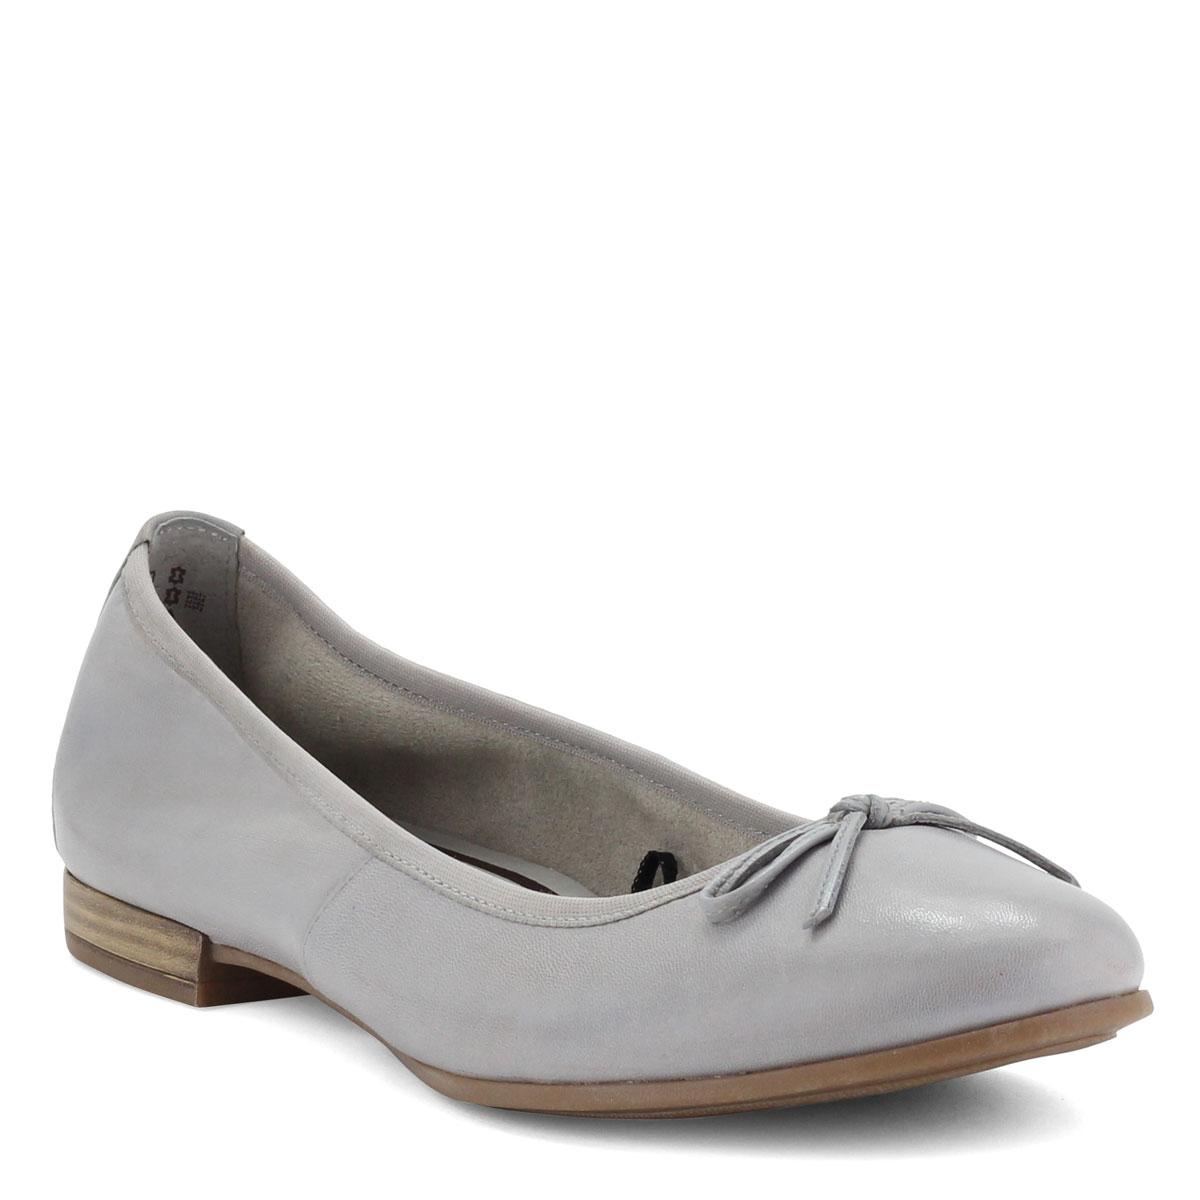 05eaa88b9c Tamaris balerina cipő szürke színben, memóriahabos talpbéléssel